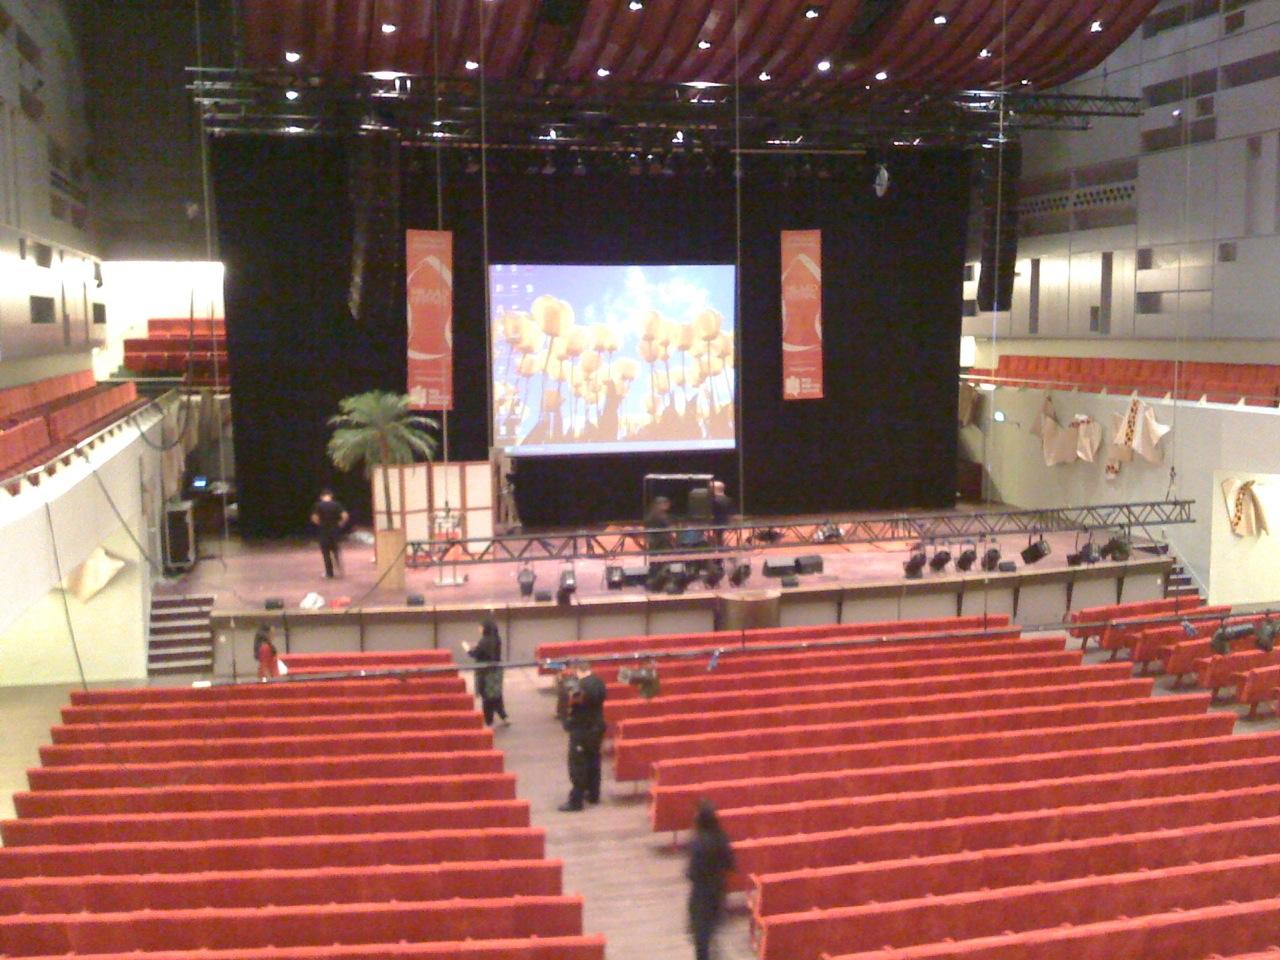 Projectie Lucent Dans Theater in Den Haag - Beamerhuren